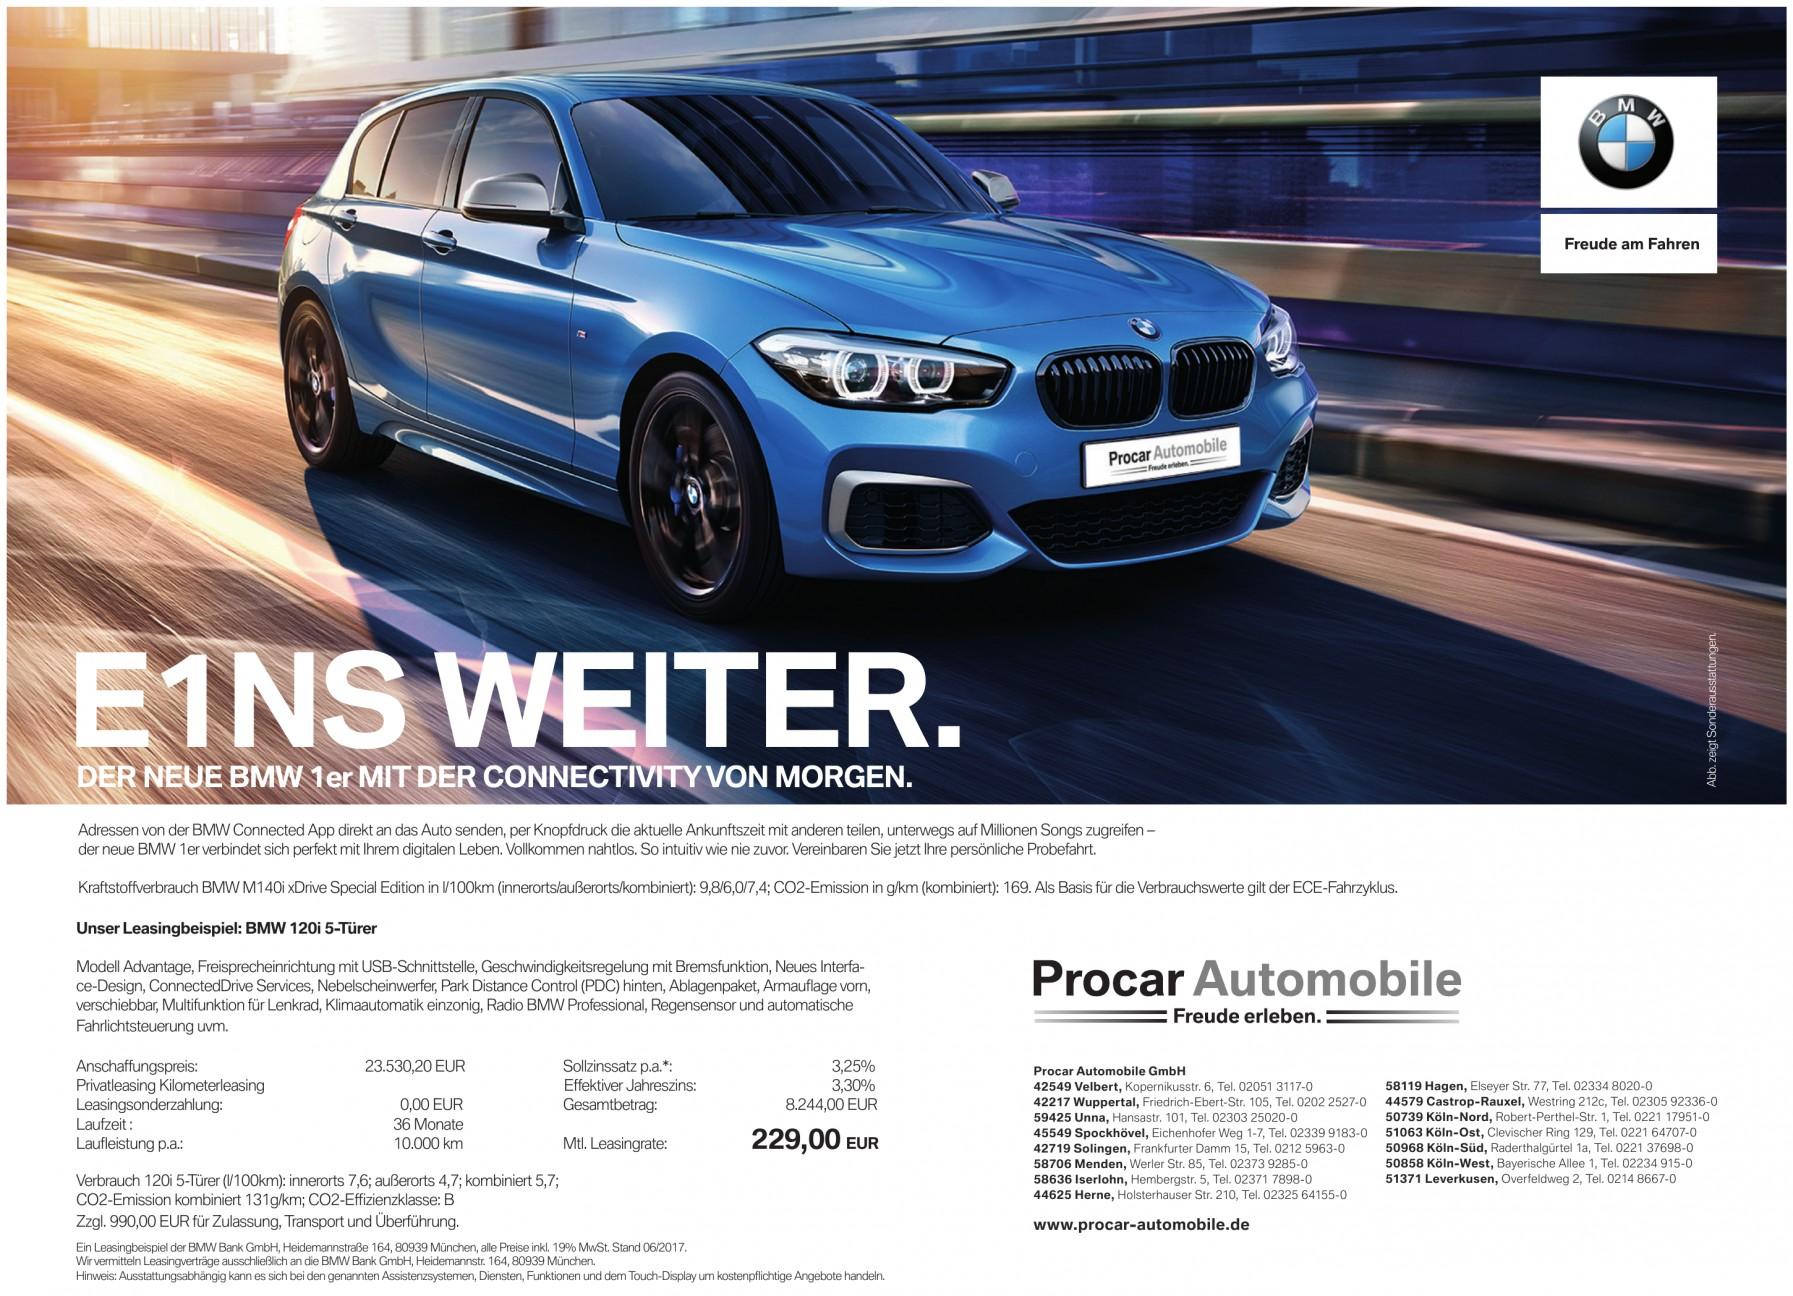 Procar Automobile GmbH